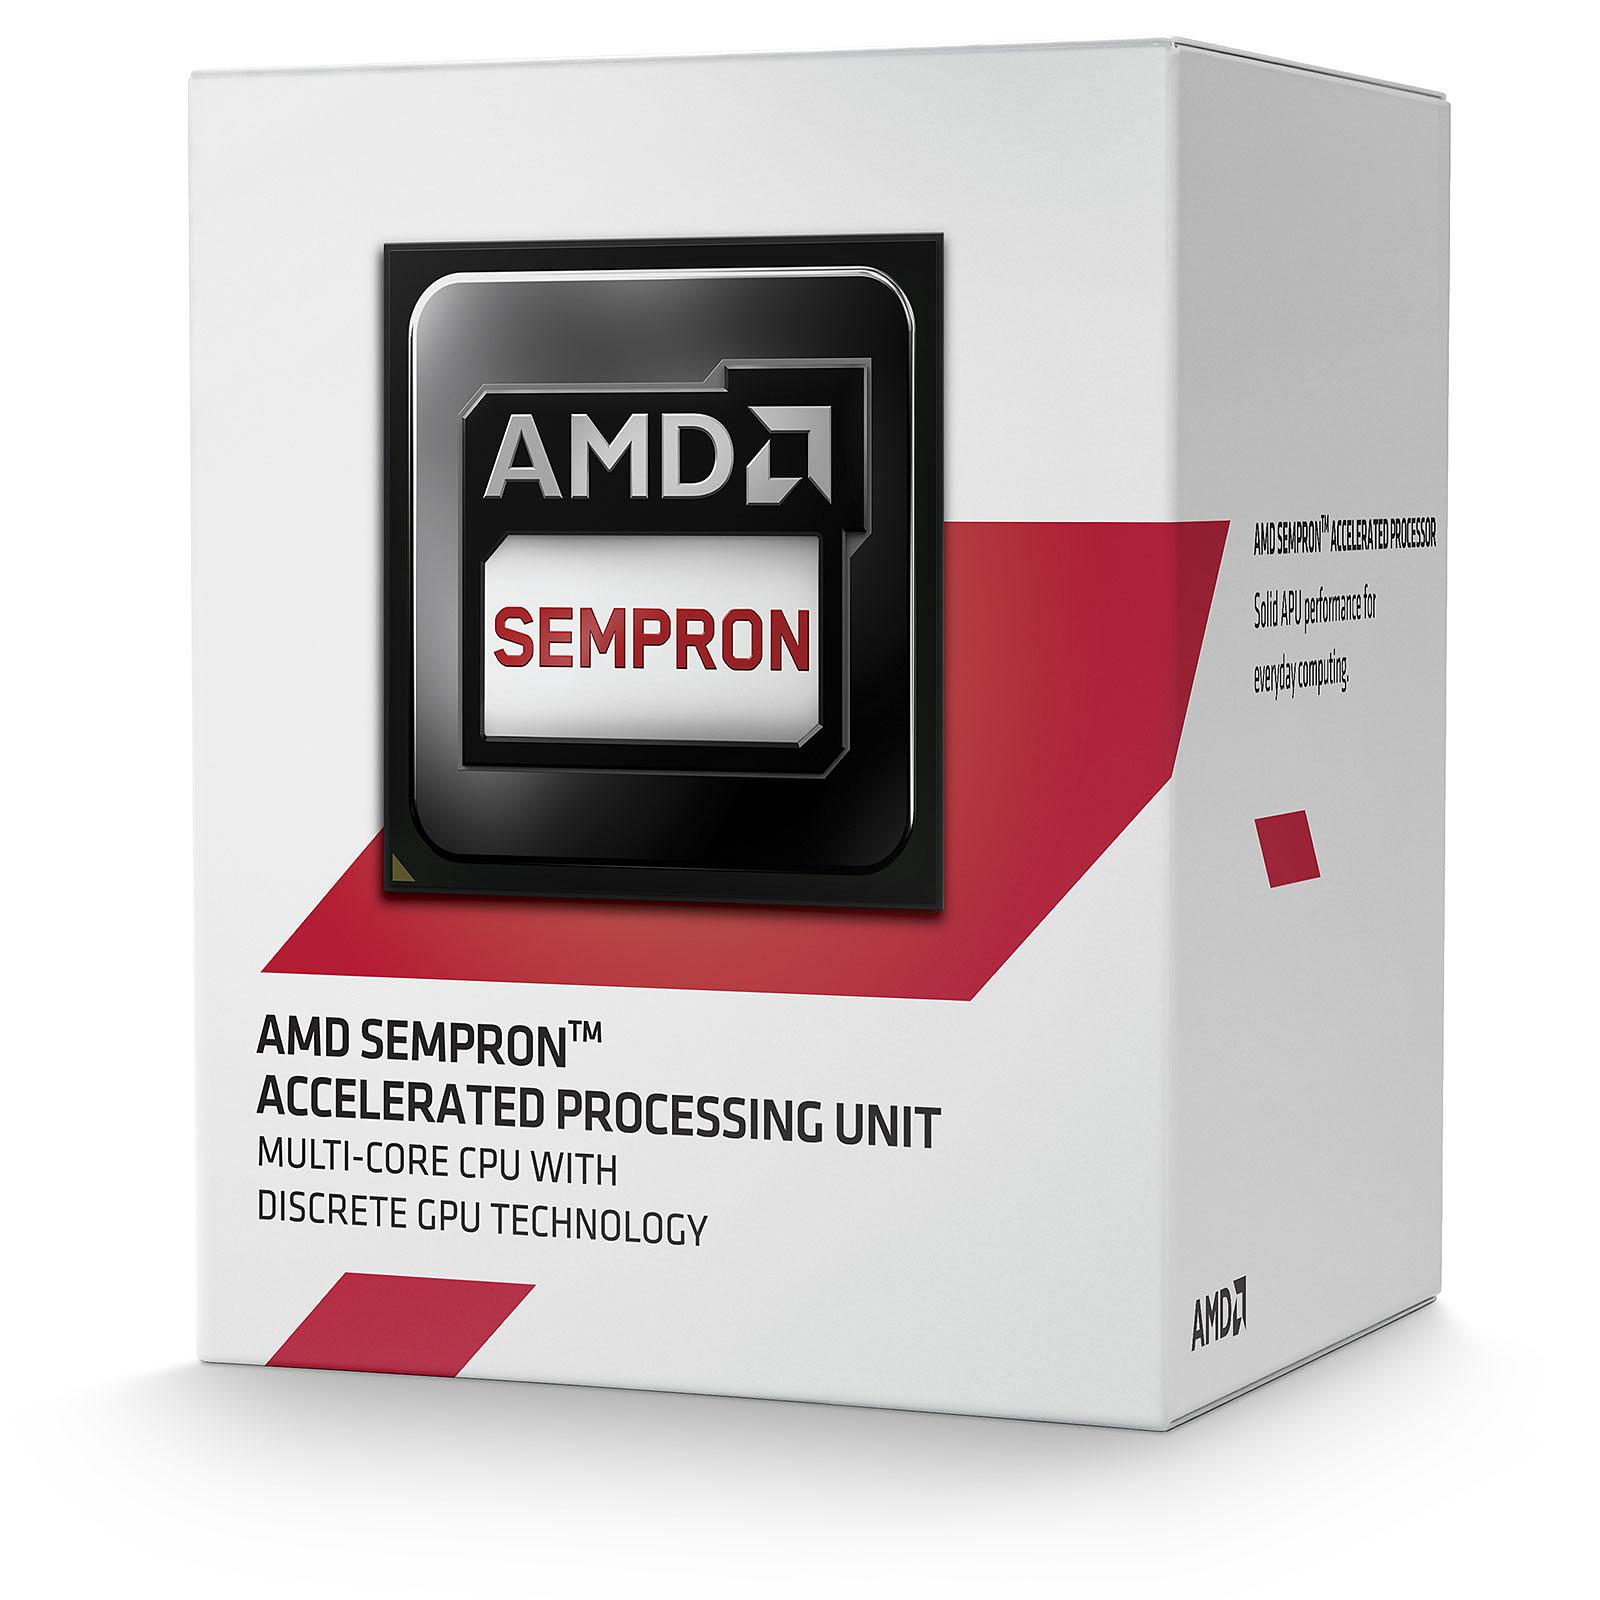 AMD Sempron 3850 (1.3 GHz)